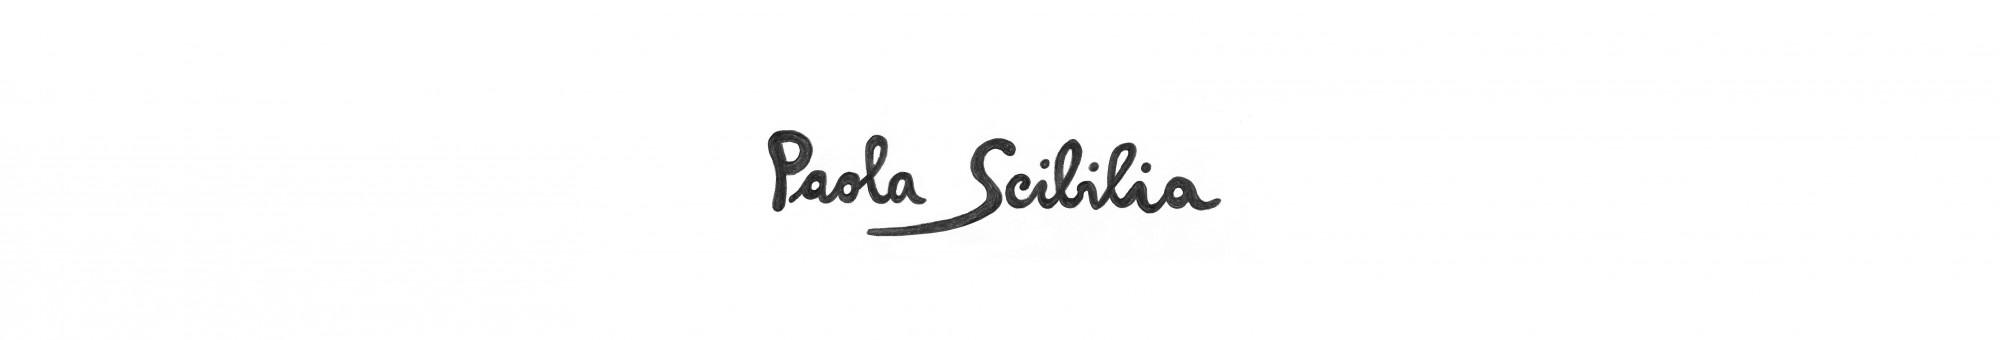 Paola Scibilia Italy